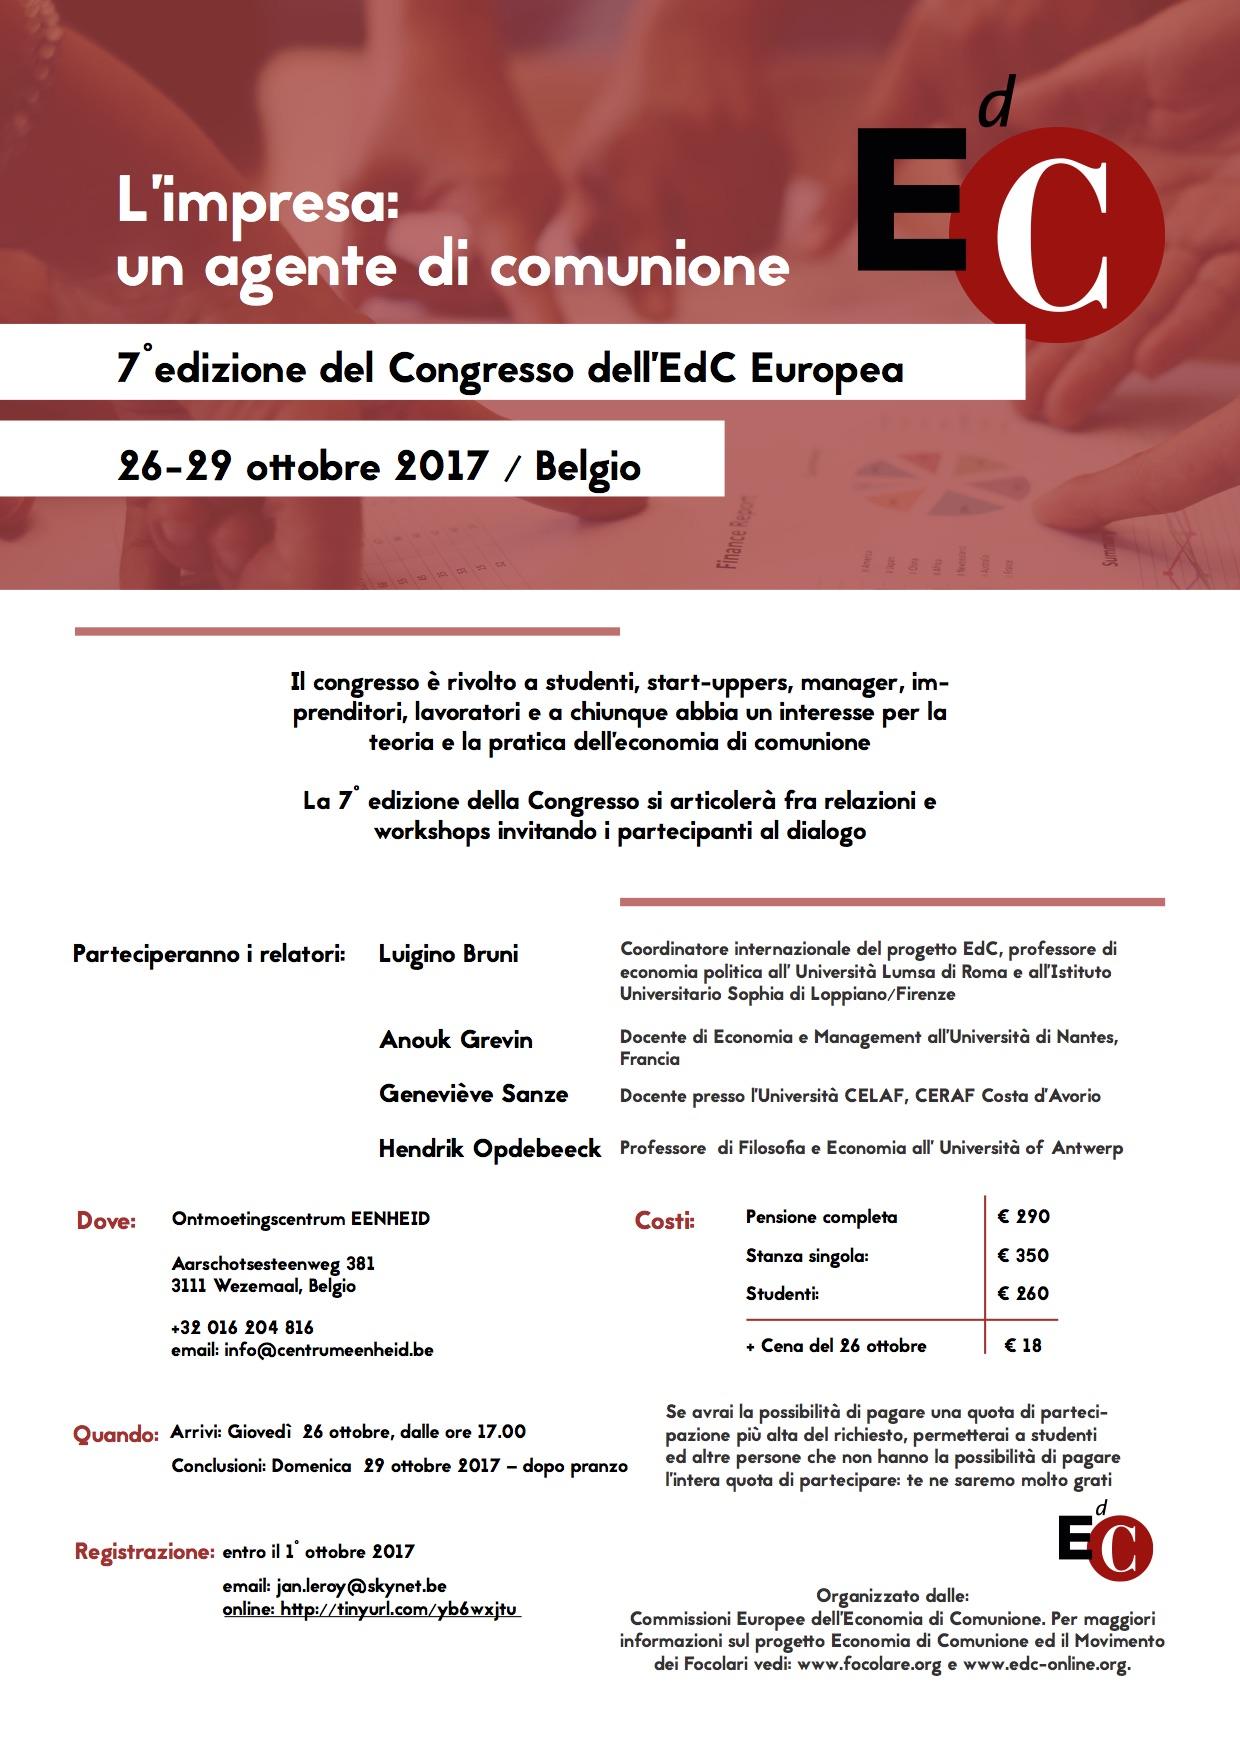 171026-29_Belgio_7°Congresso dell'Edc Europea_it